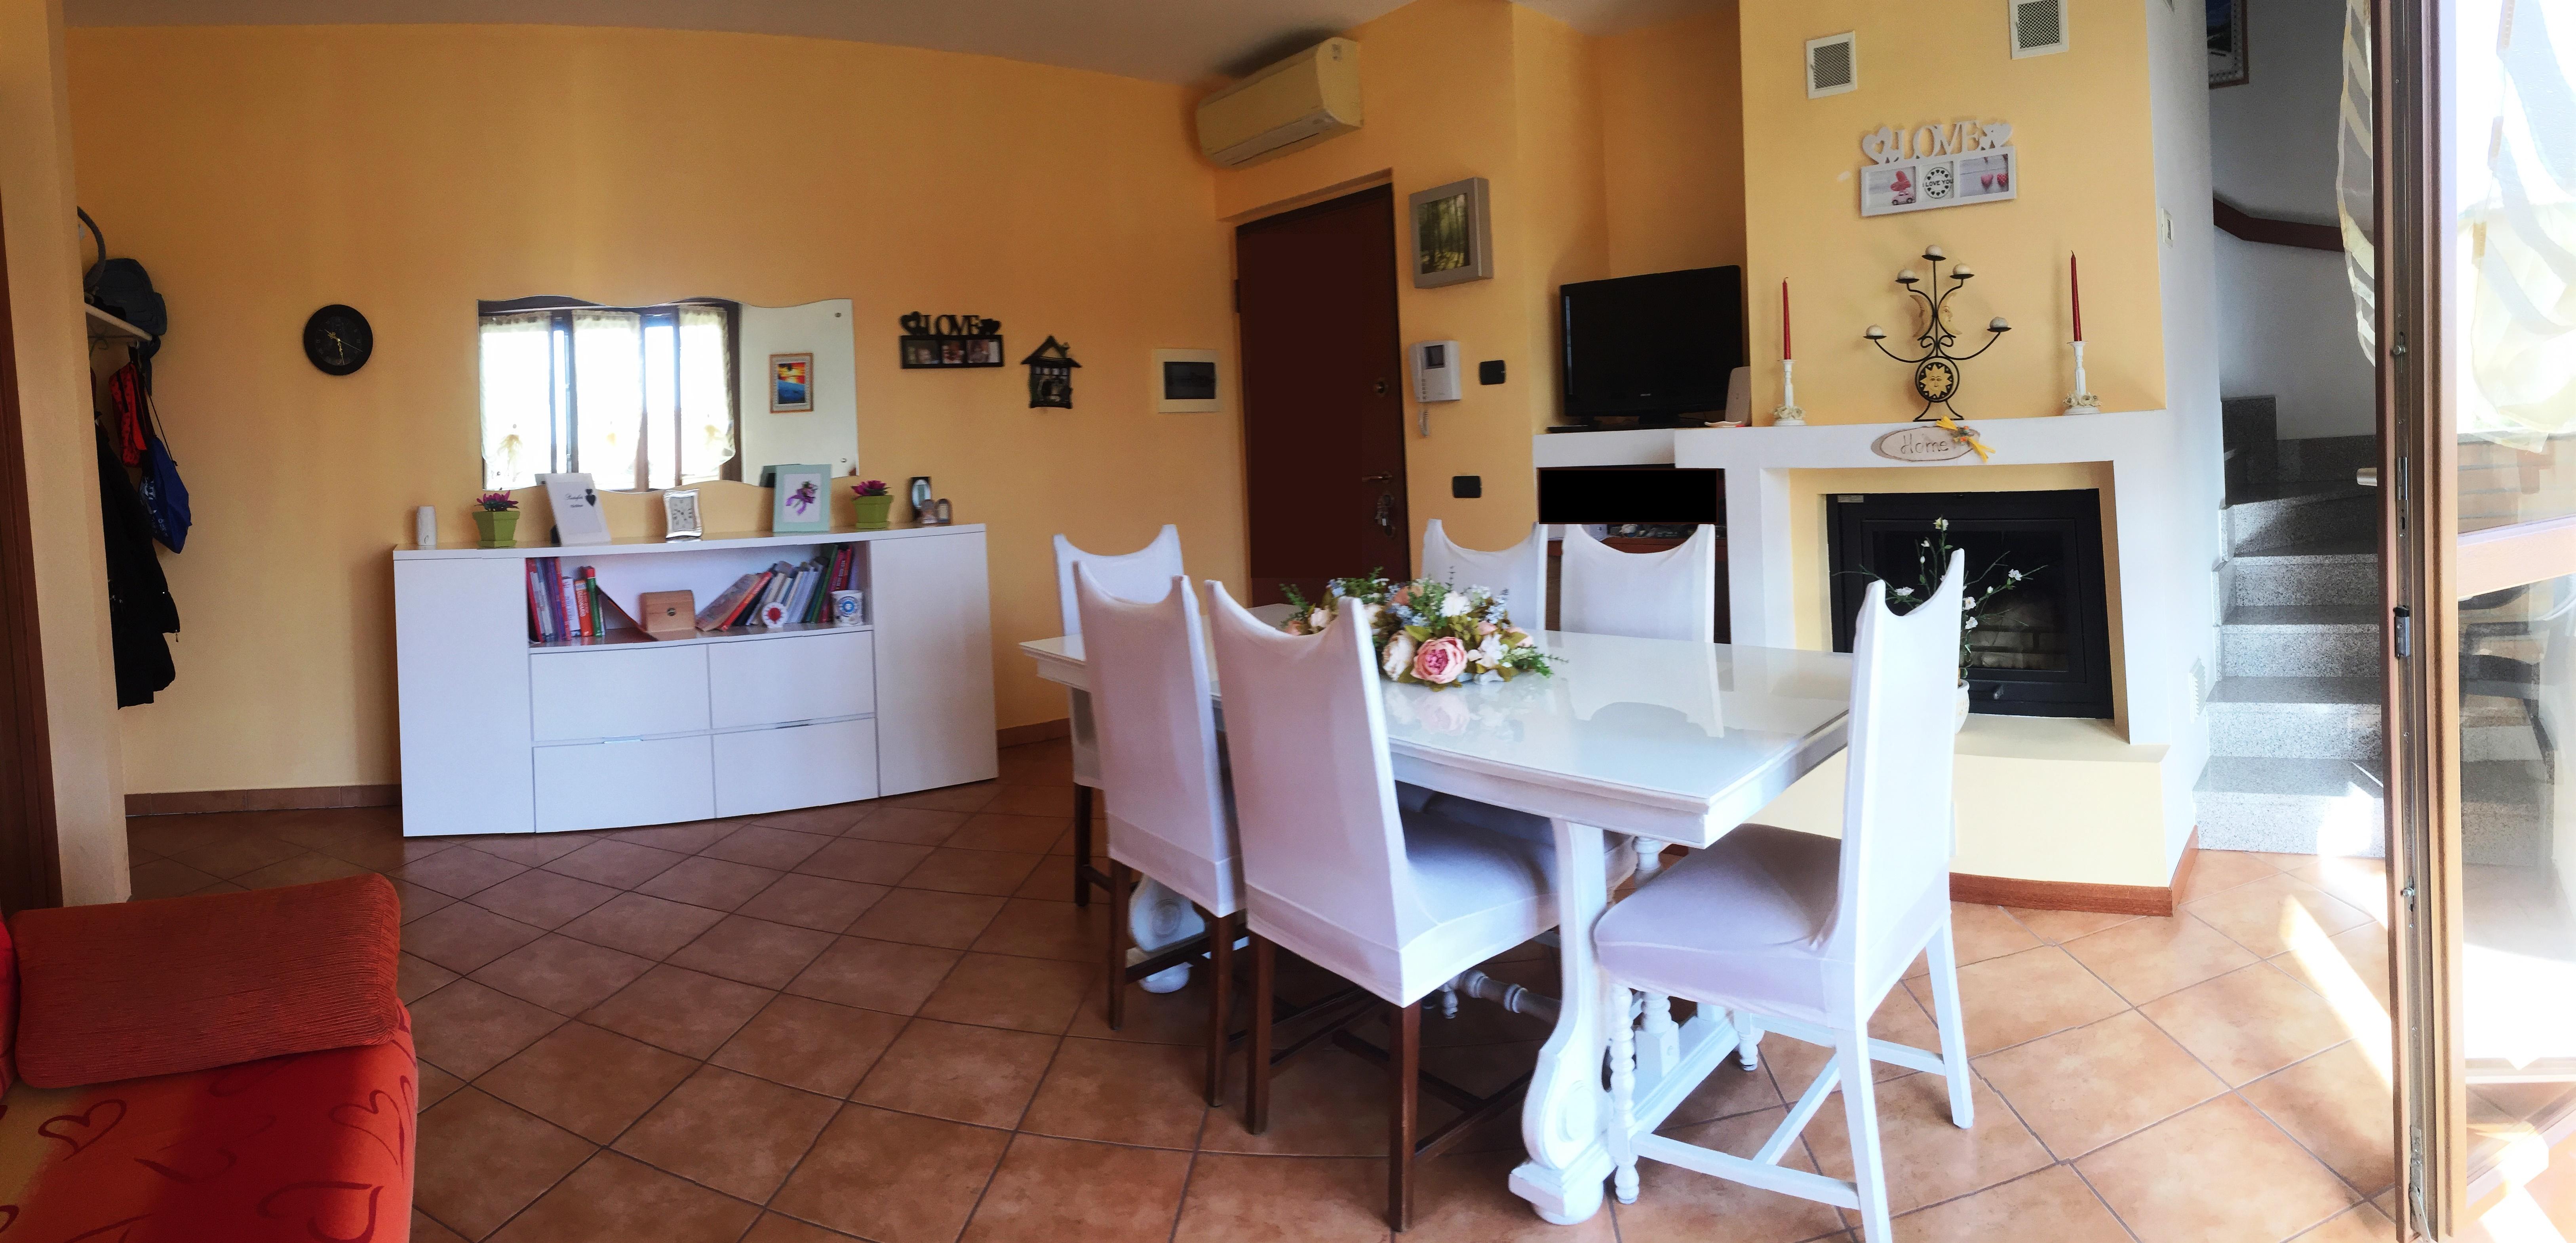 Appartamento su due piani in vendita in via Potenza, 12, Busto Arsizio